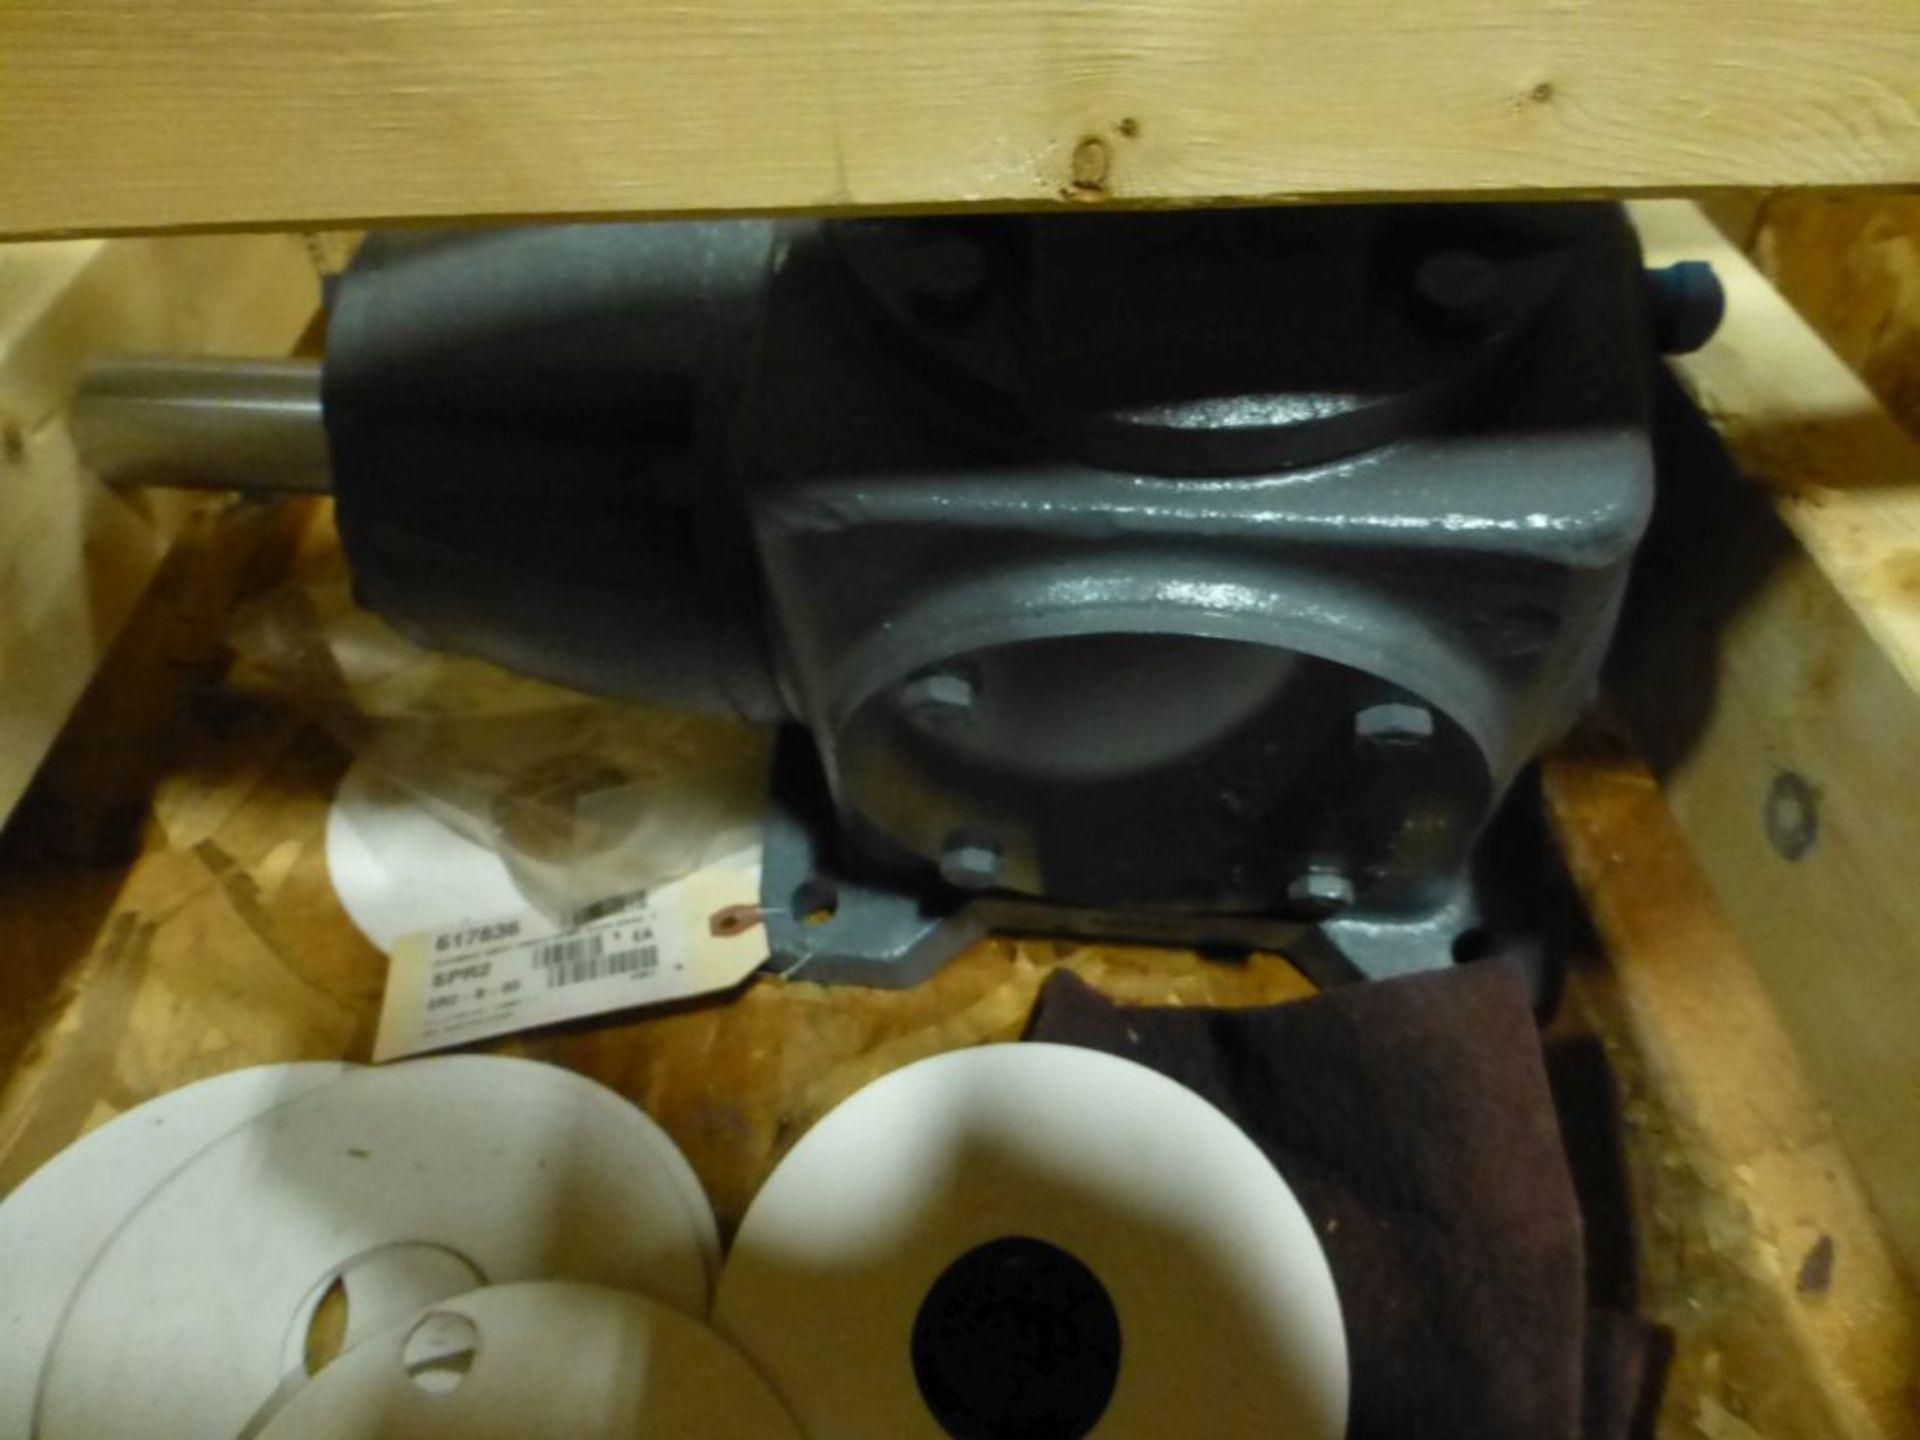 Boston Gear | Cat No. UR15B-POR5; Model No. 731 - Image 2 of 5